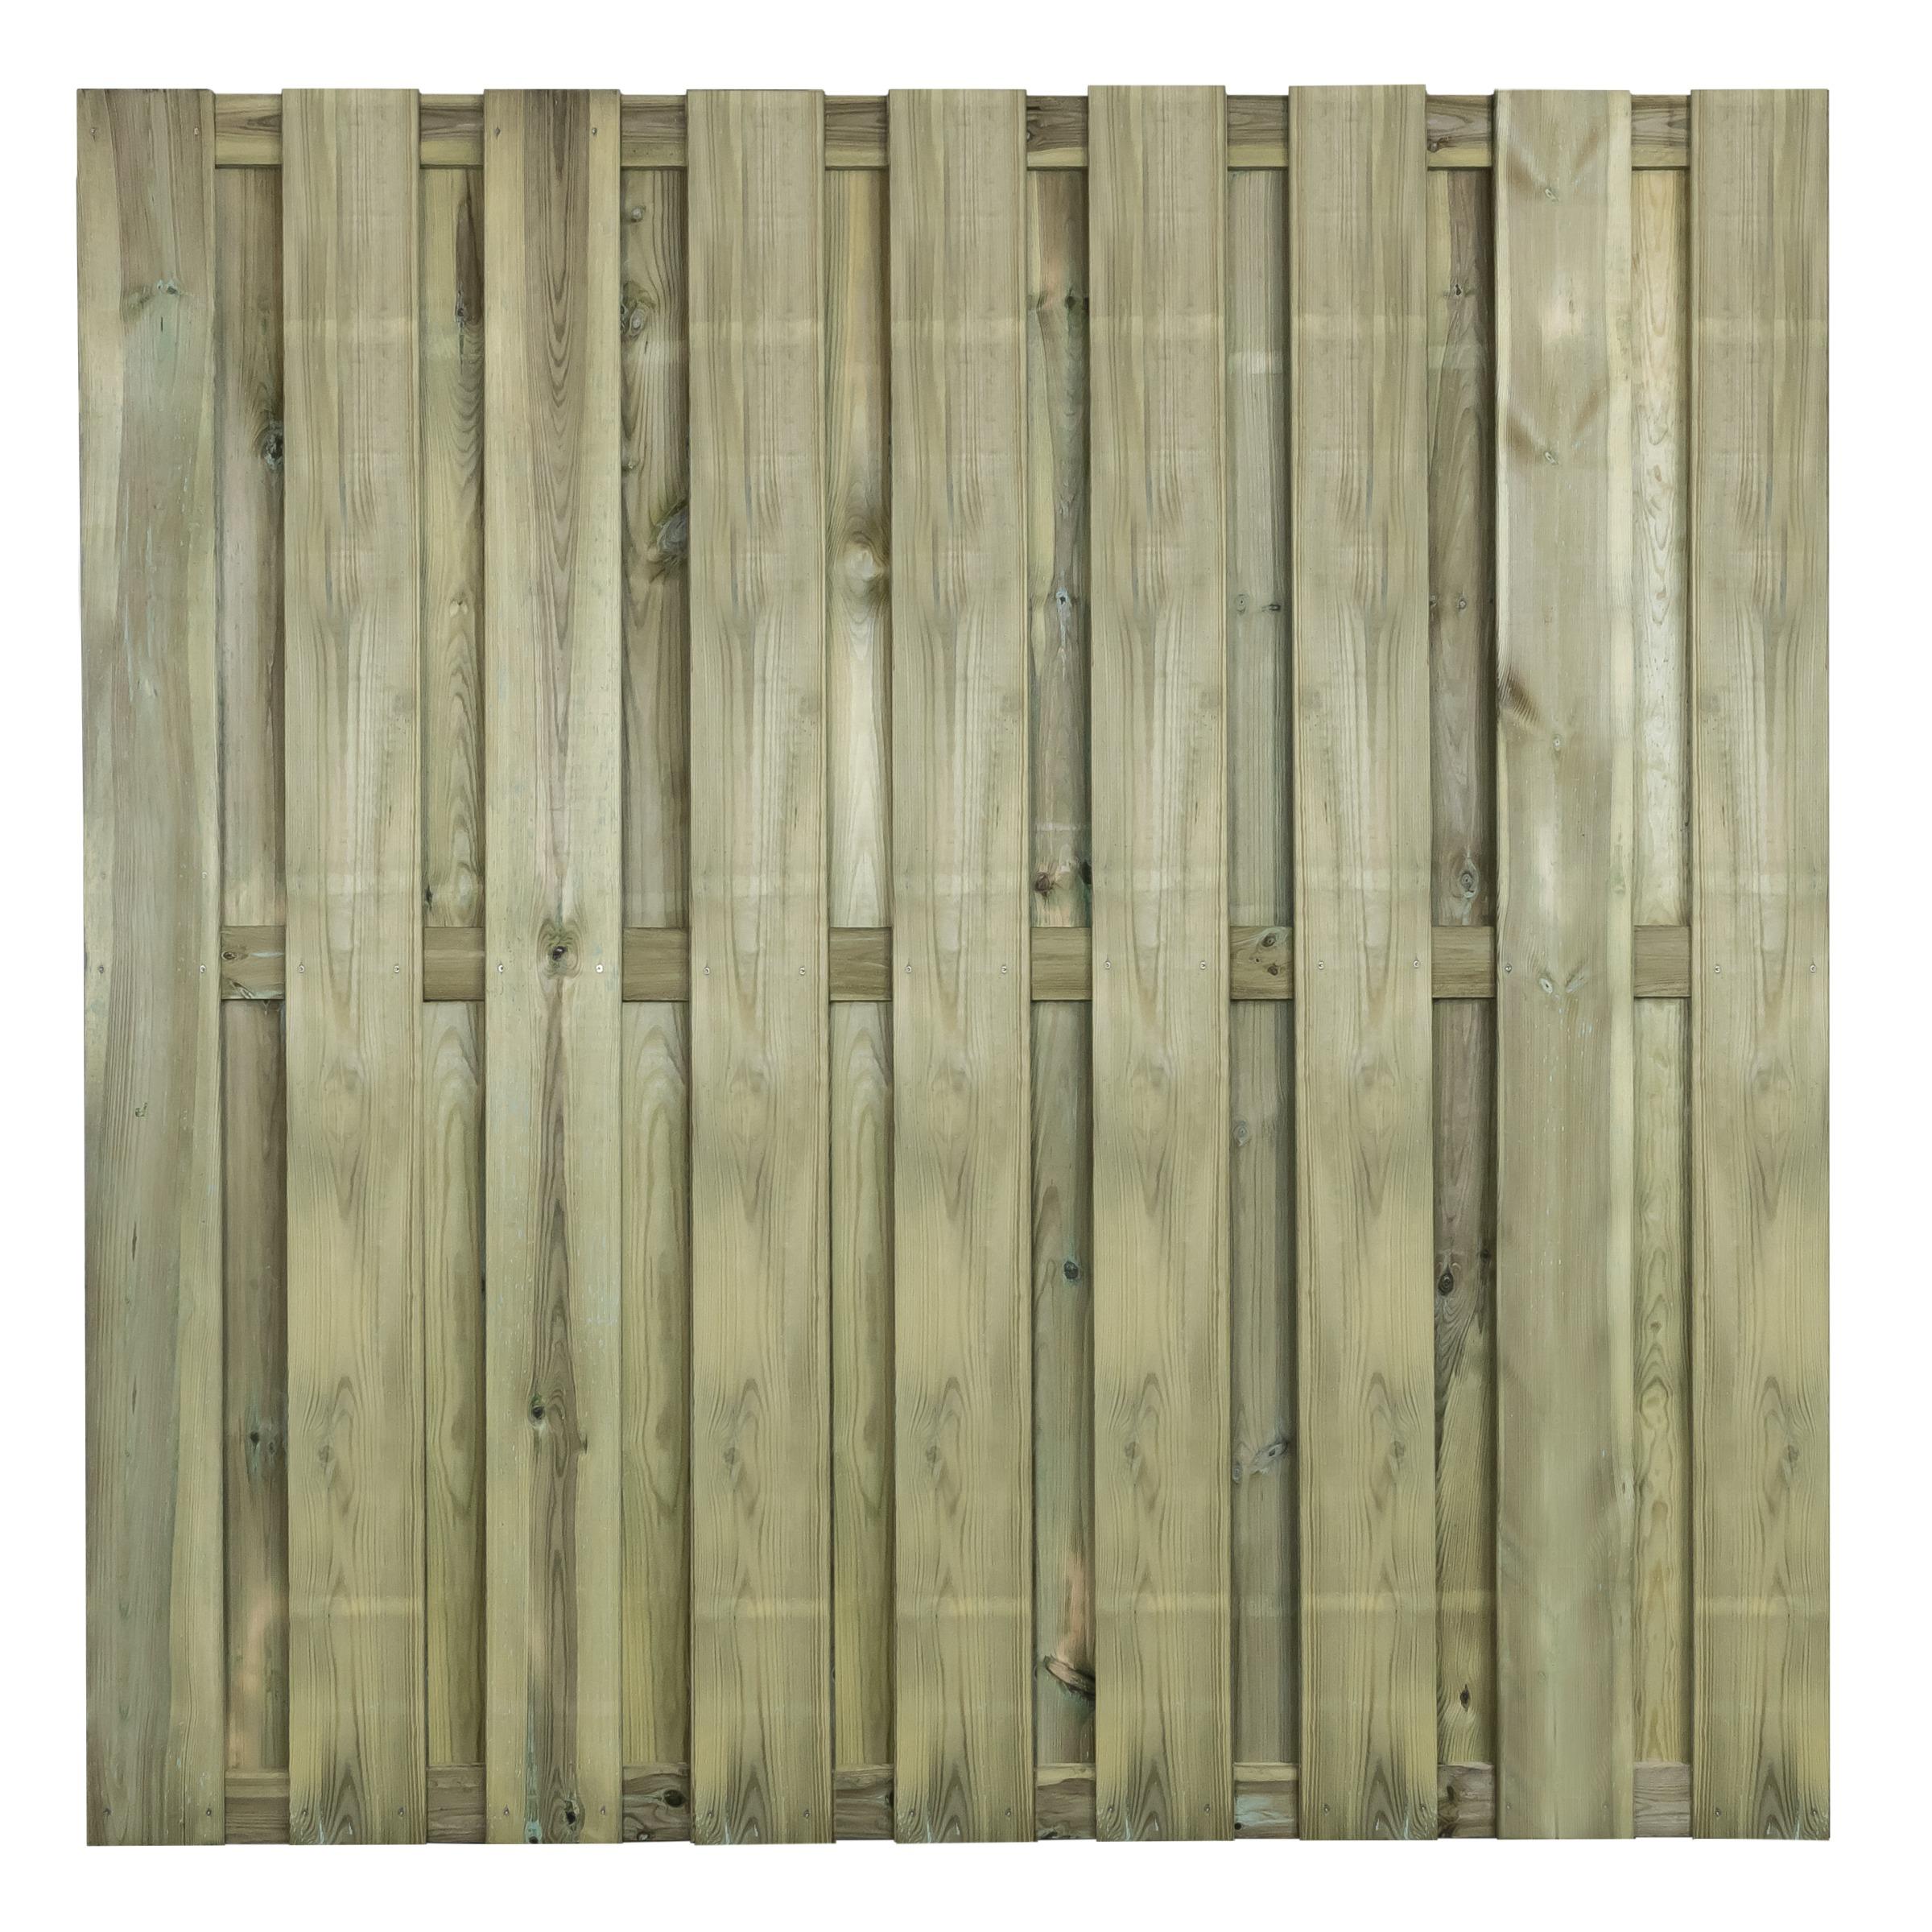 Schutting Royal grenenhout ca. 180x180 cm recht